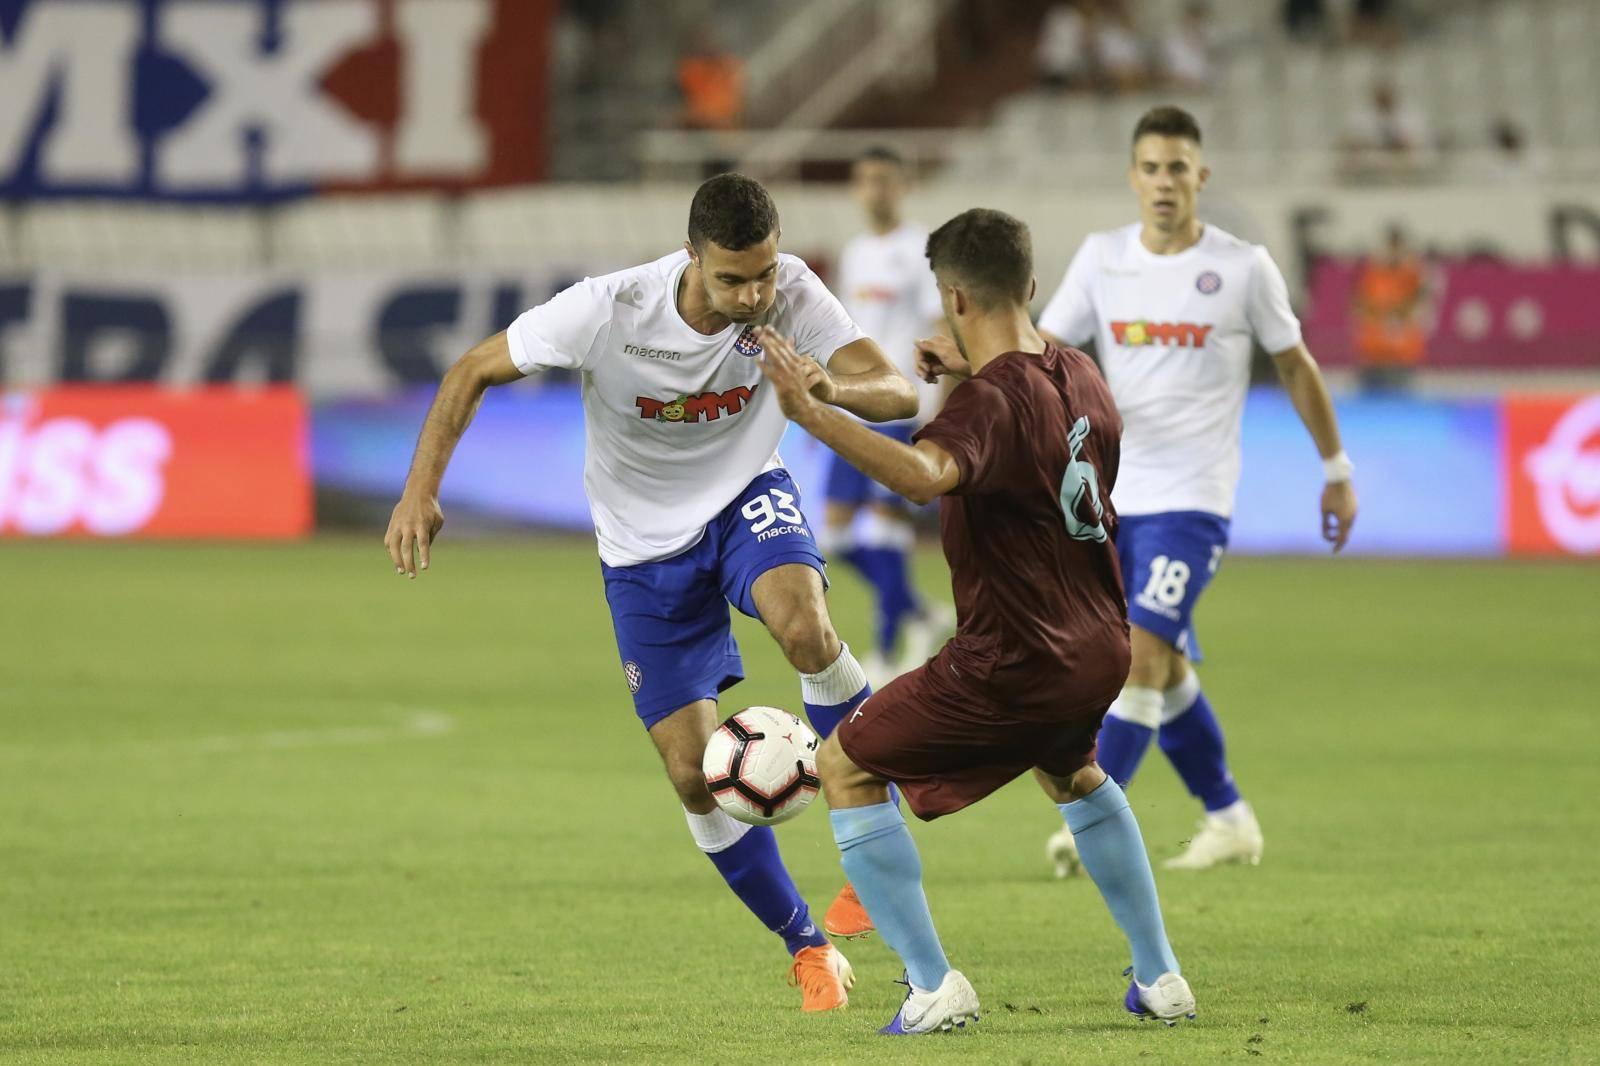 Katastrofa u Splitu! Hajduk je izgubio od Gzire i ispao iz EL-a